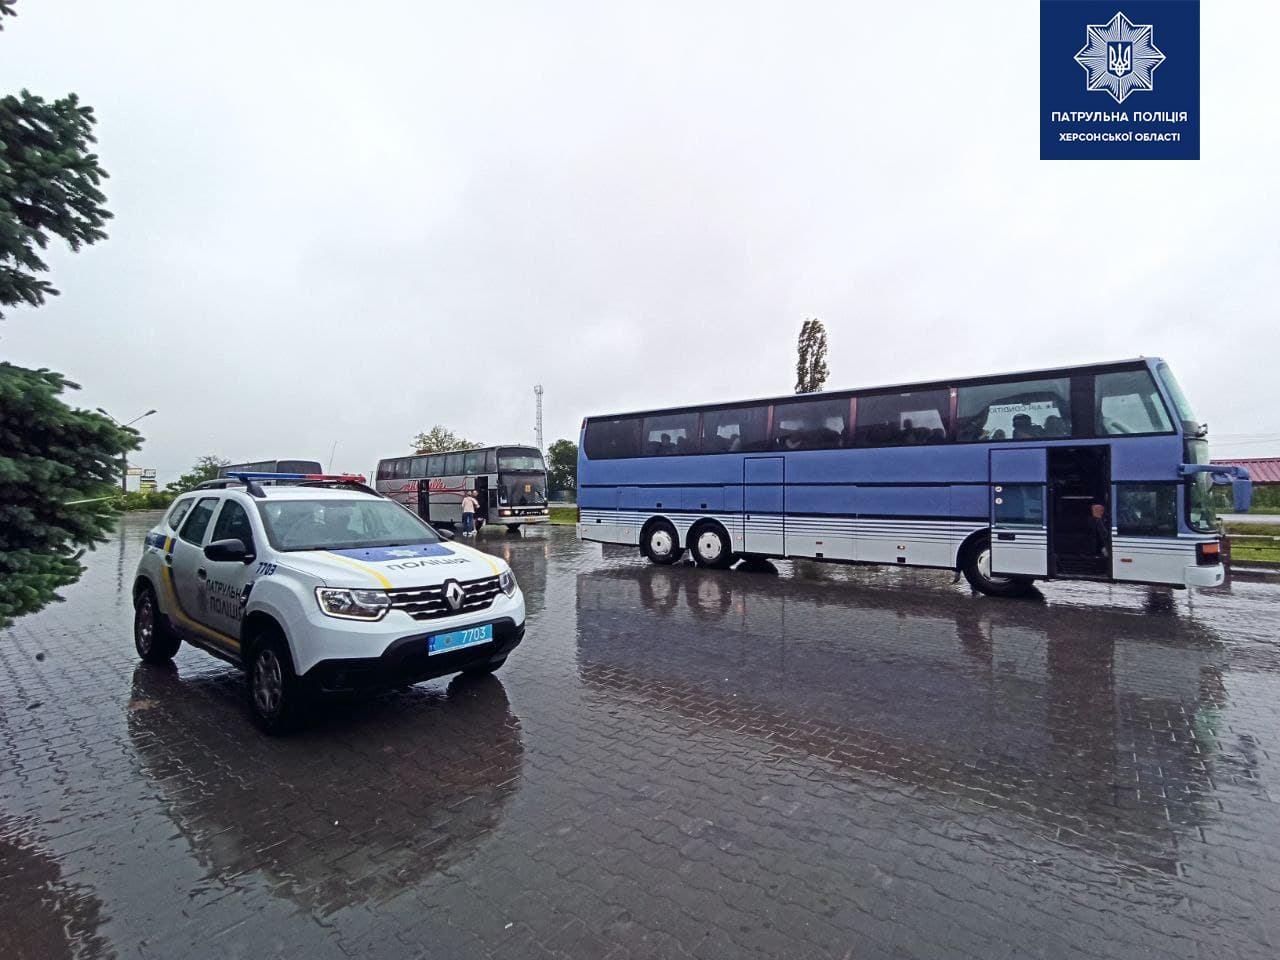 Херсон,патрульные автобусы,дети